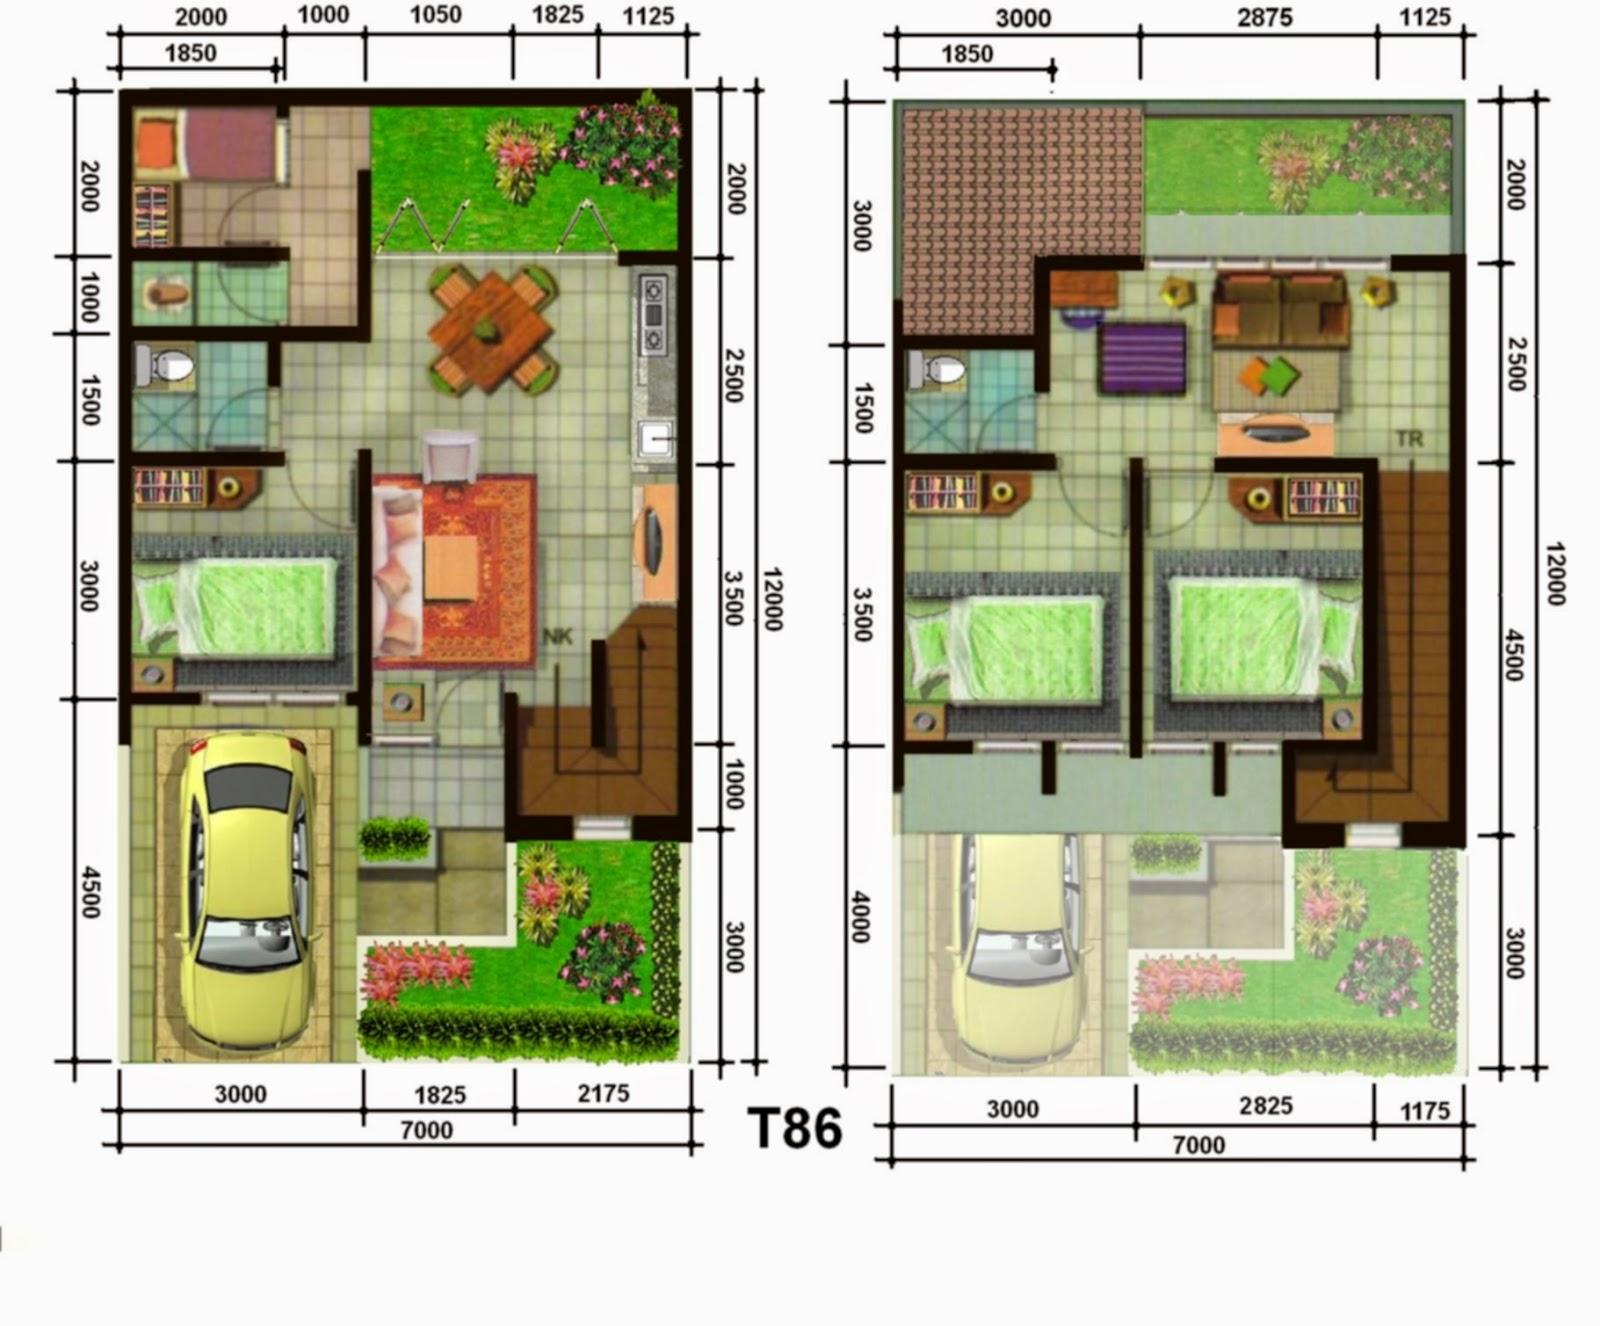 60 Desain Rumah Minimalis Menurut Feng Shui